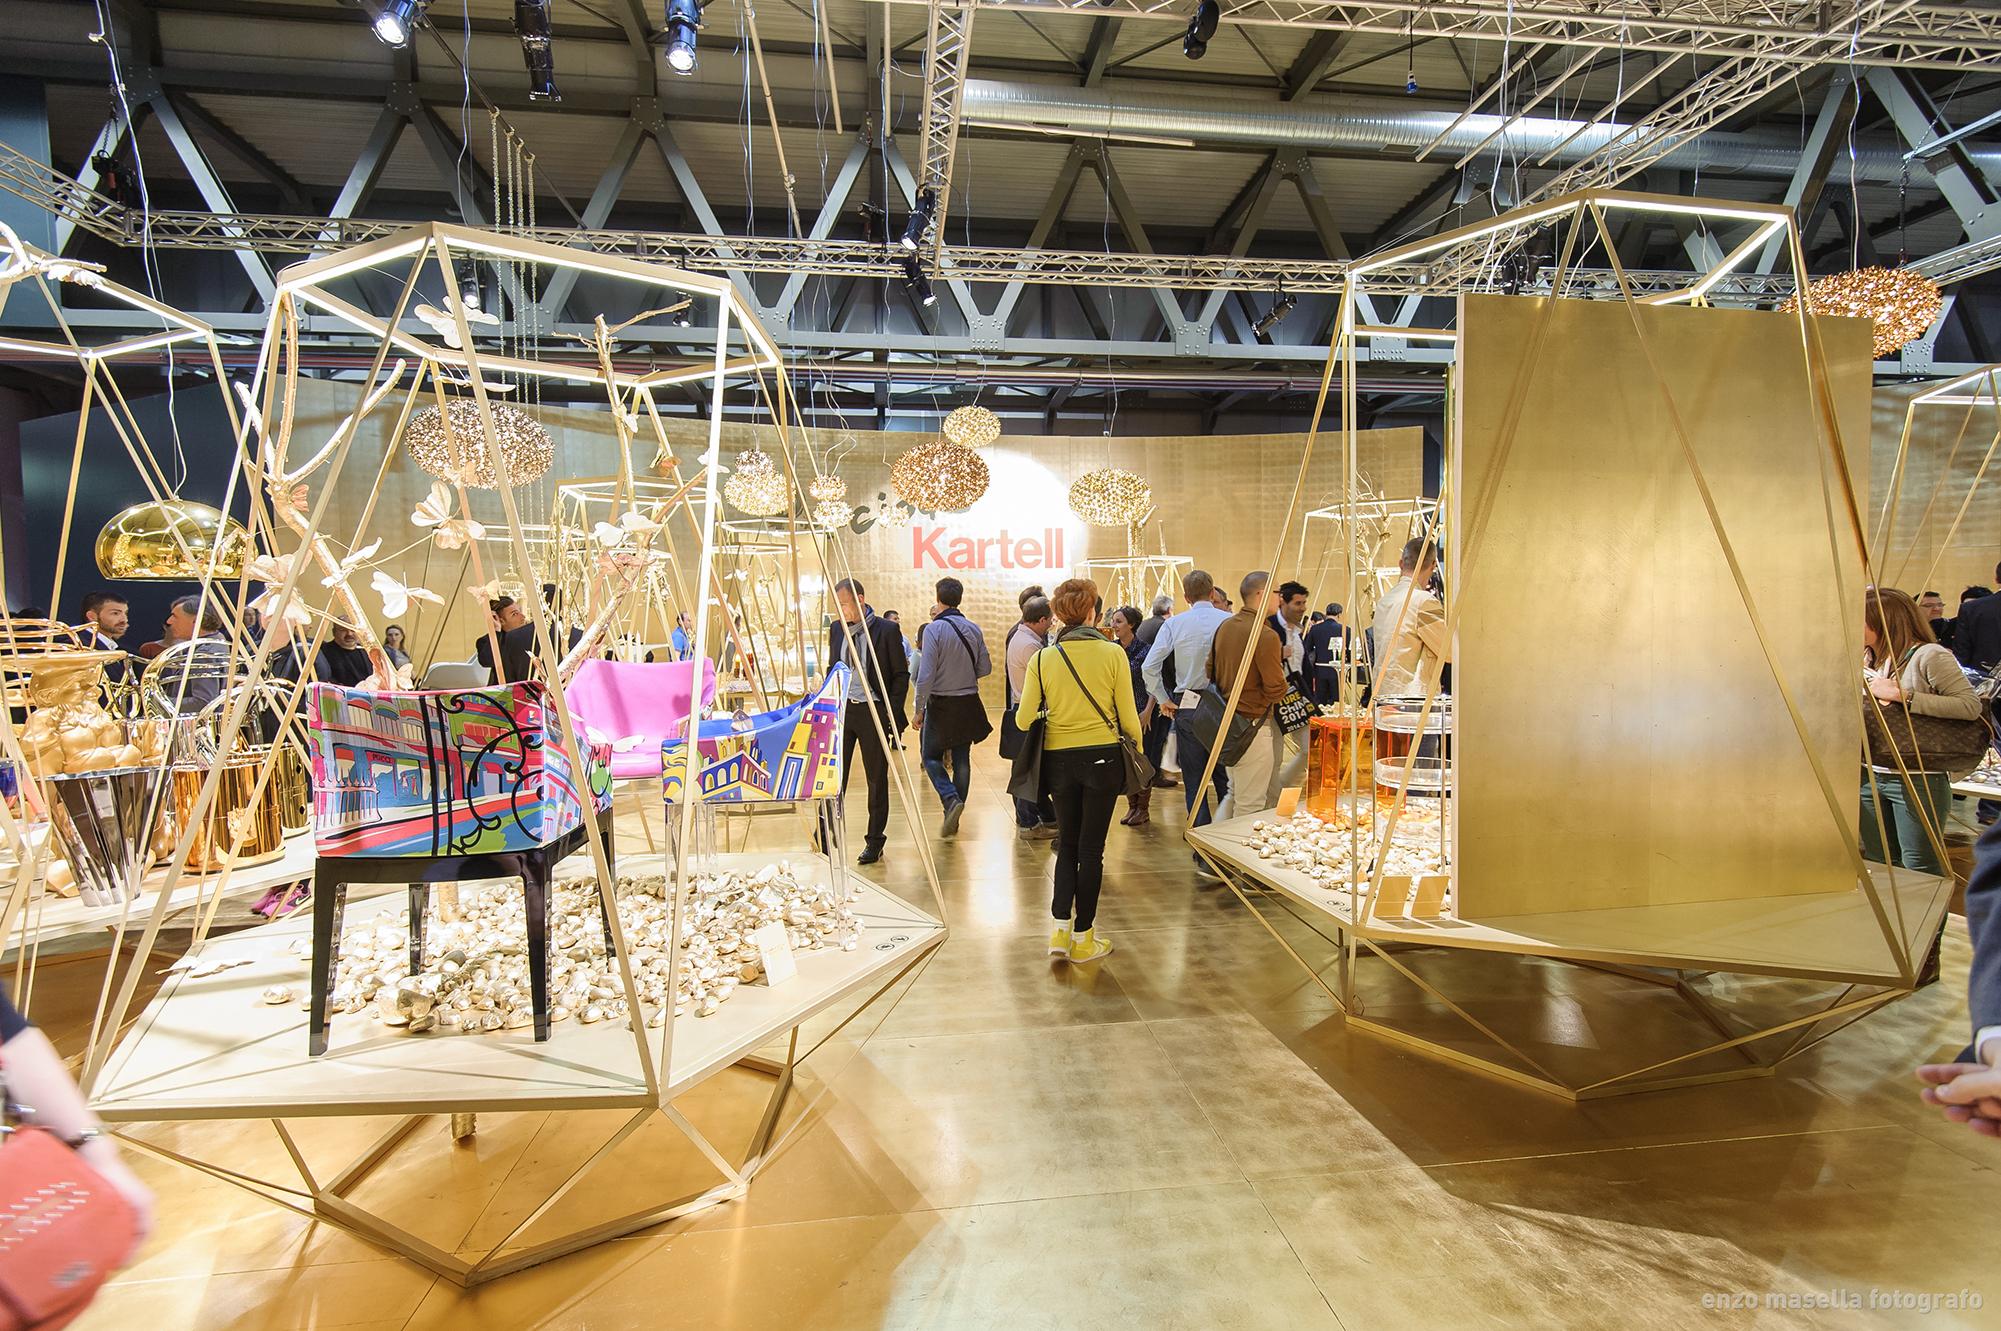 Anteprima milano design week 2014 attico interni for Eventi fiera milano